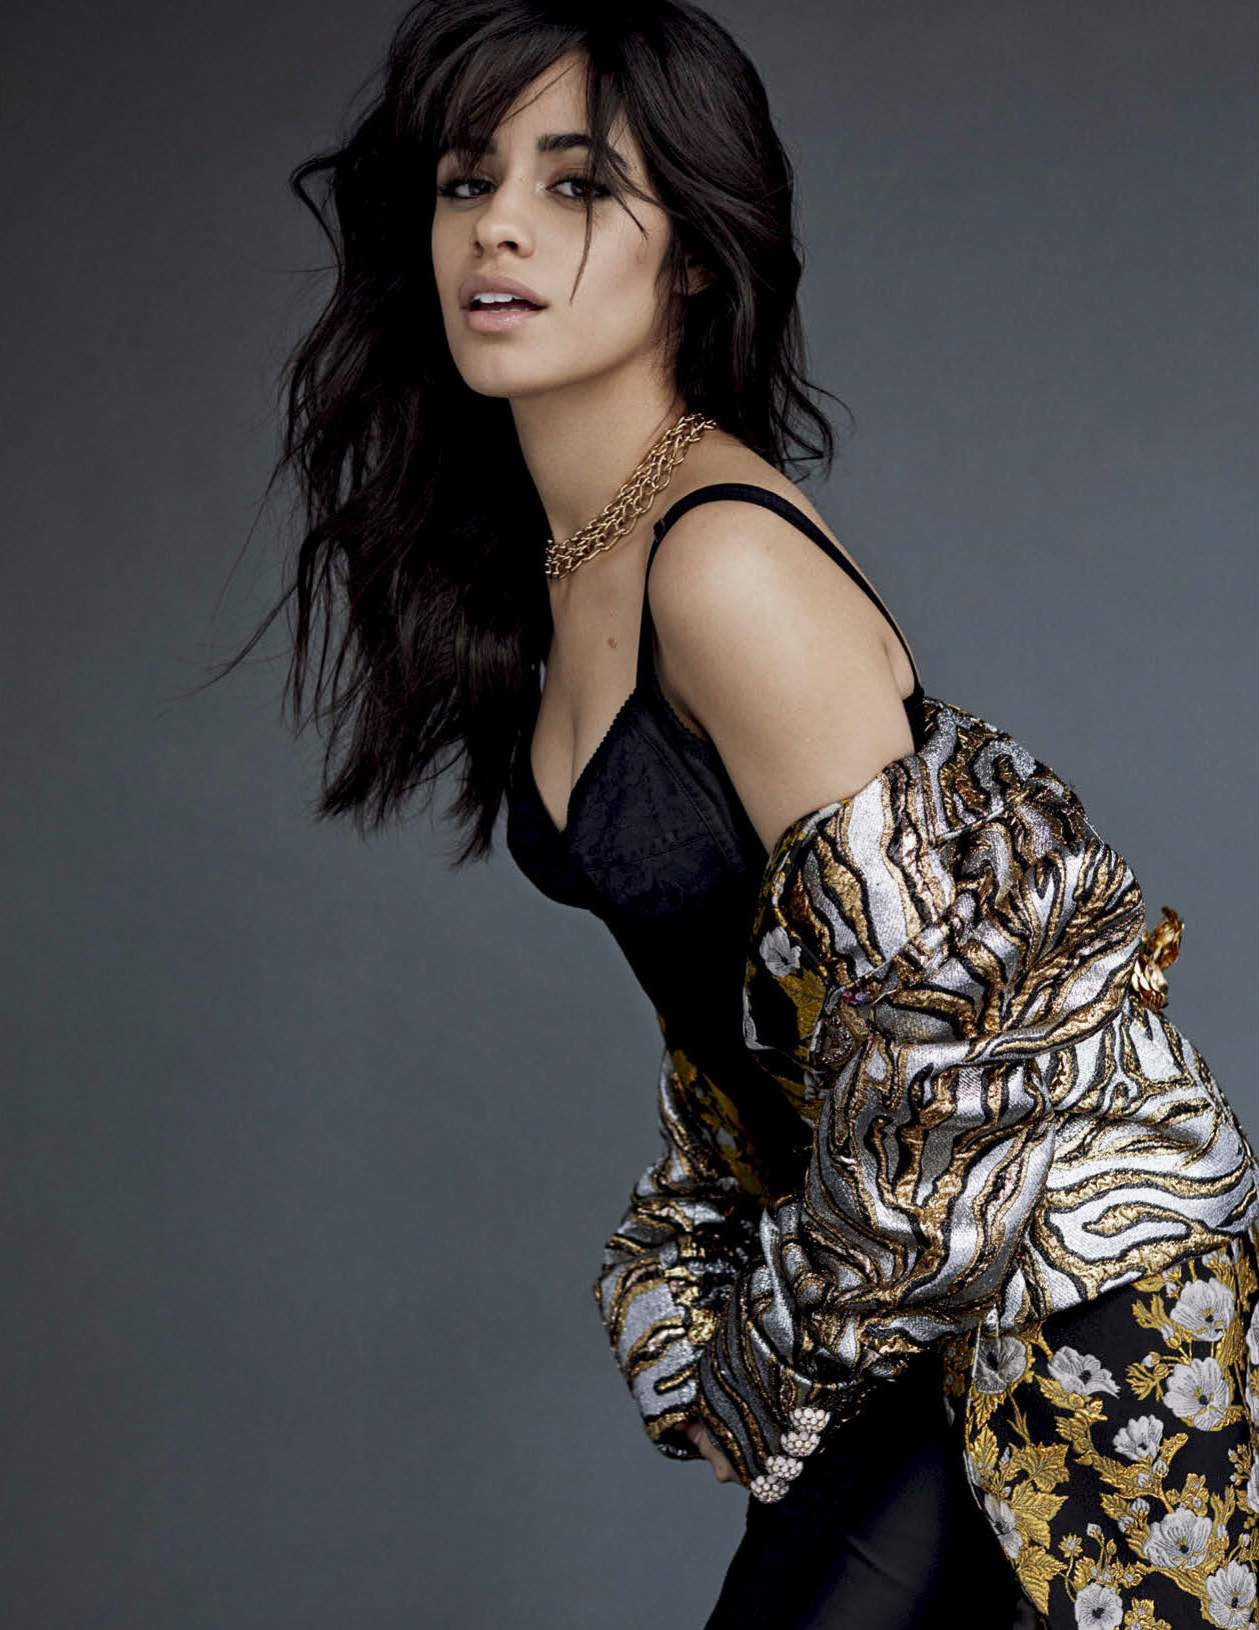 Camila for Vogue Mexico (2018)